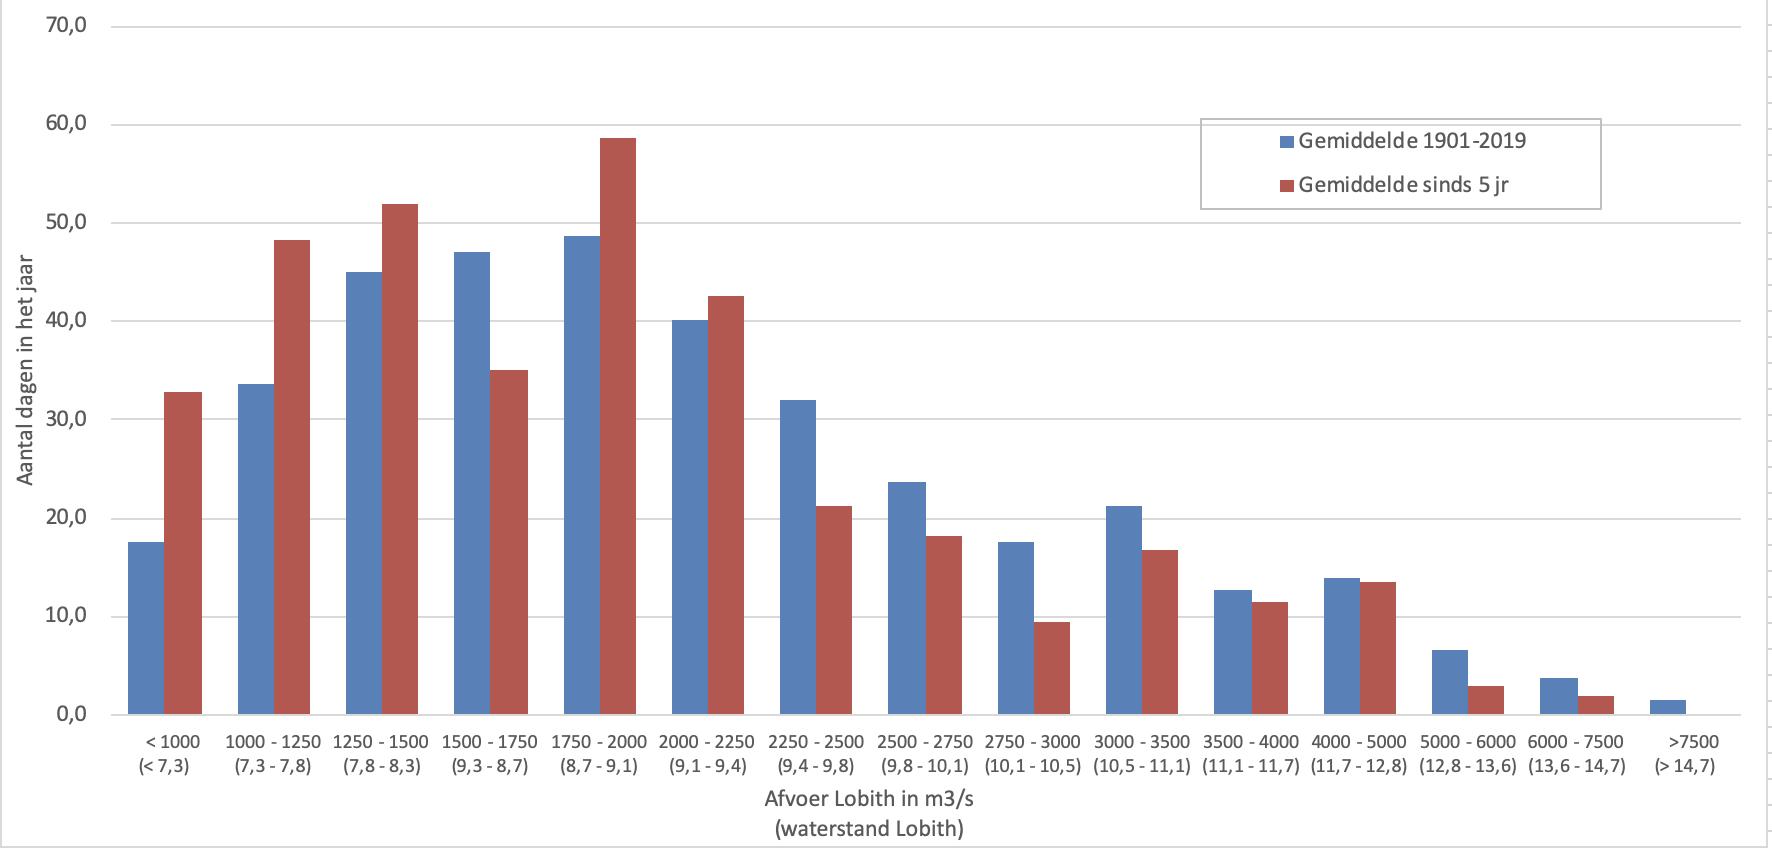 Afvoergegevens van 2015 t/m 2019 gegroepeerd in categorieën van 250 m3/s (bij hogere afvoeren meer)